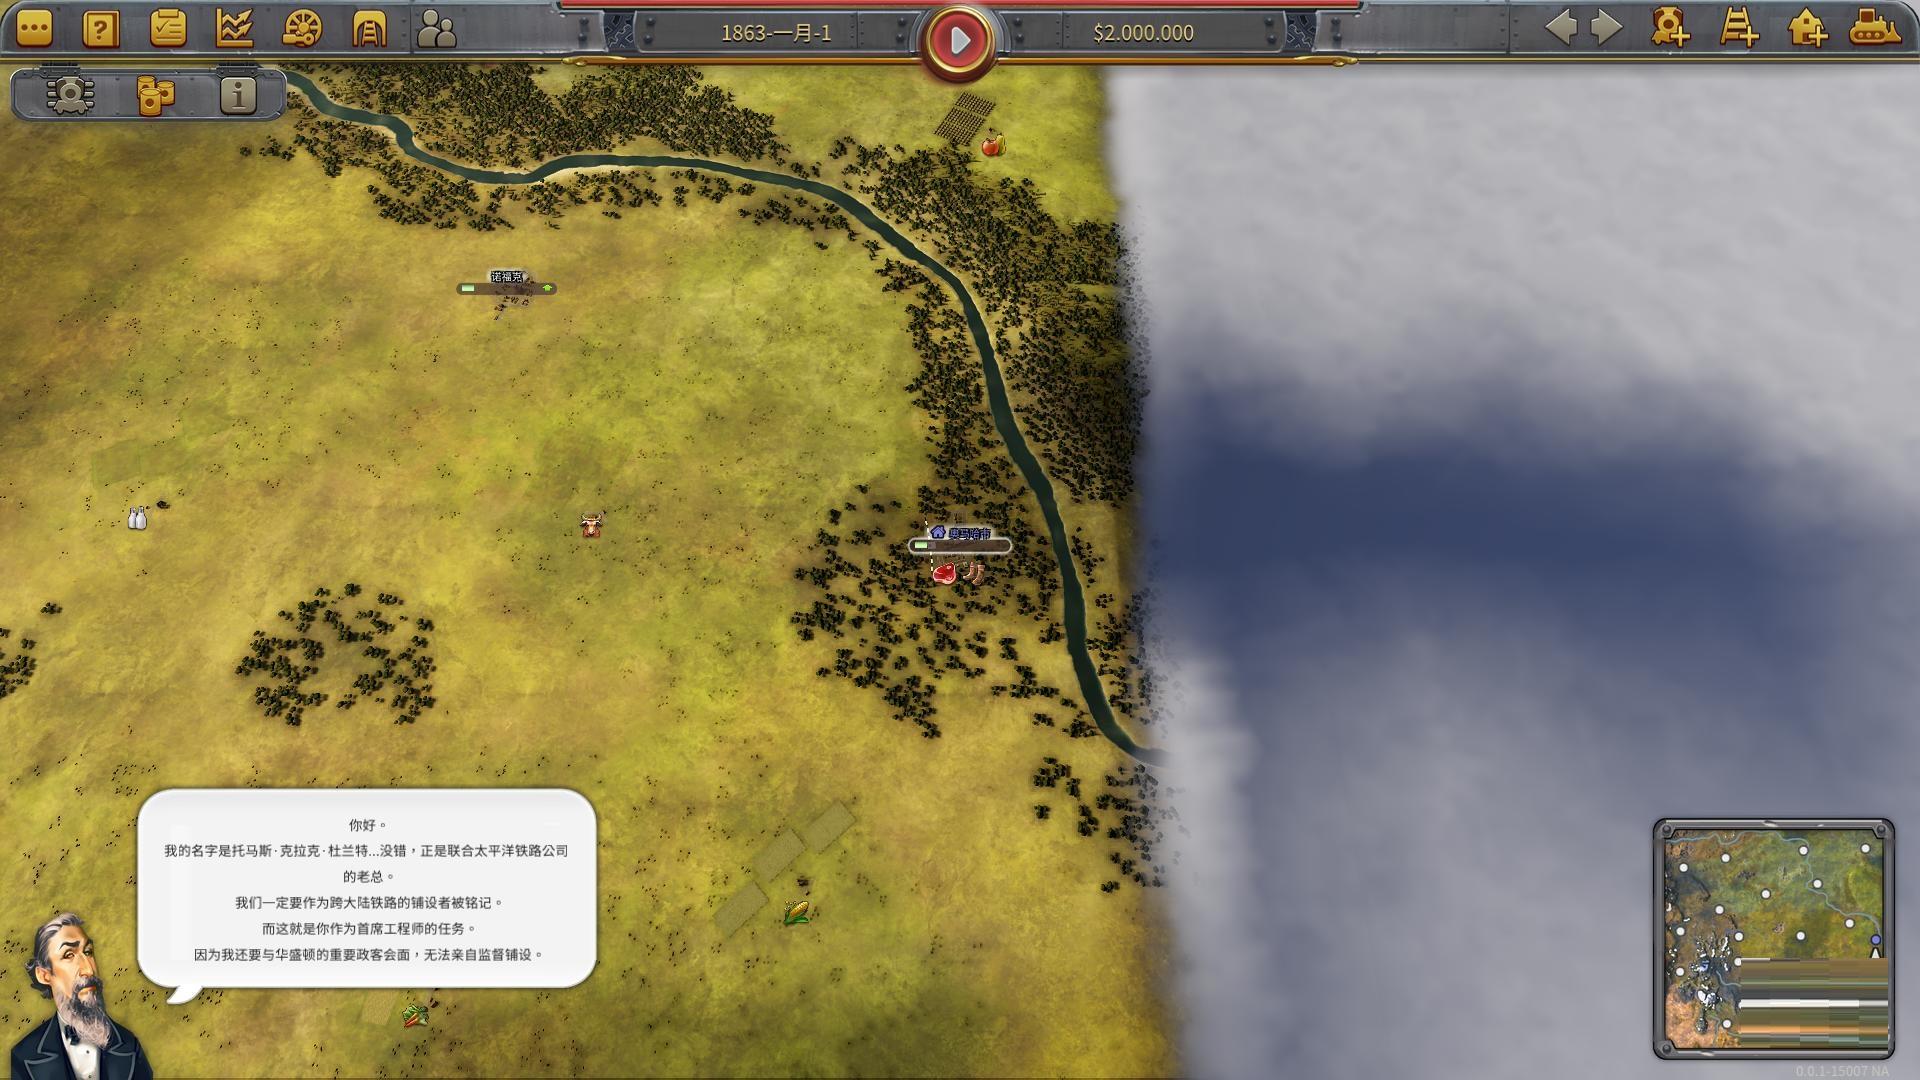 铁路帝国截图